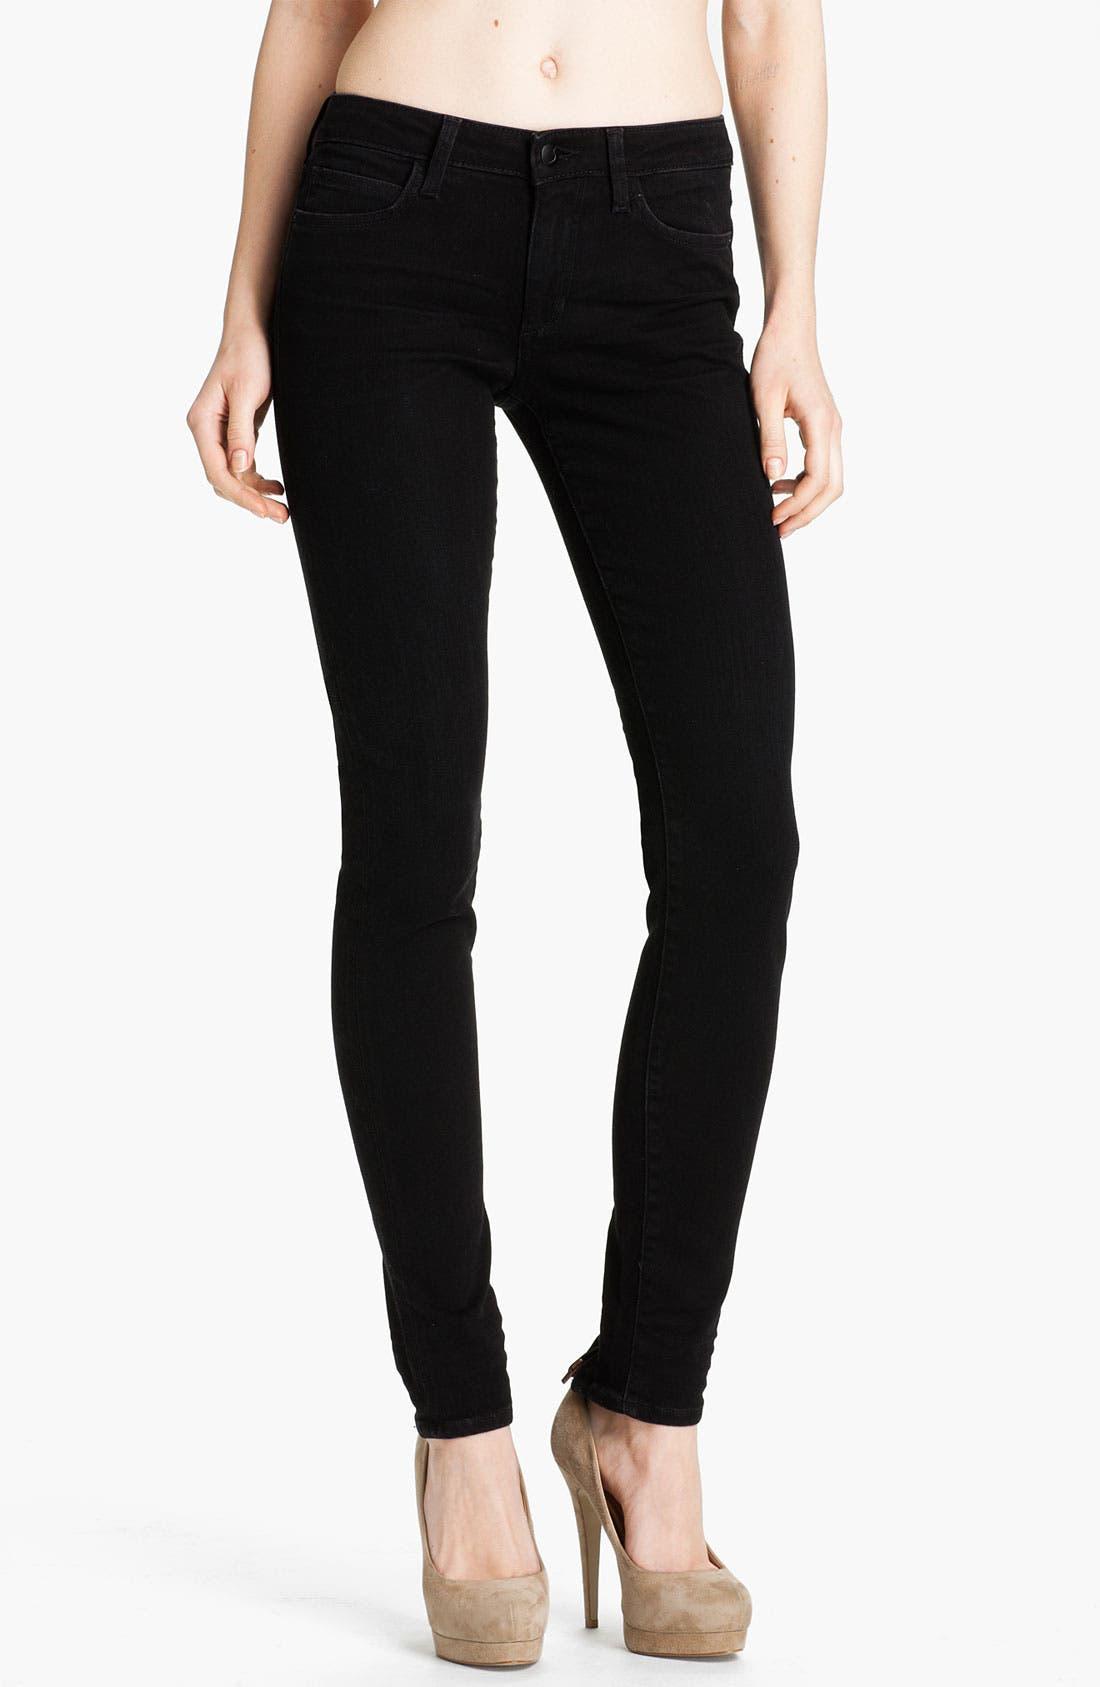 Alternate Image 1 Selected - Joe's Ankle Zip Skinny Jeans (Norah Black)